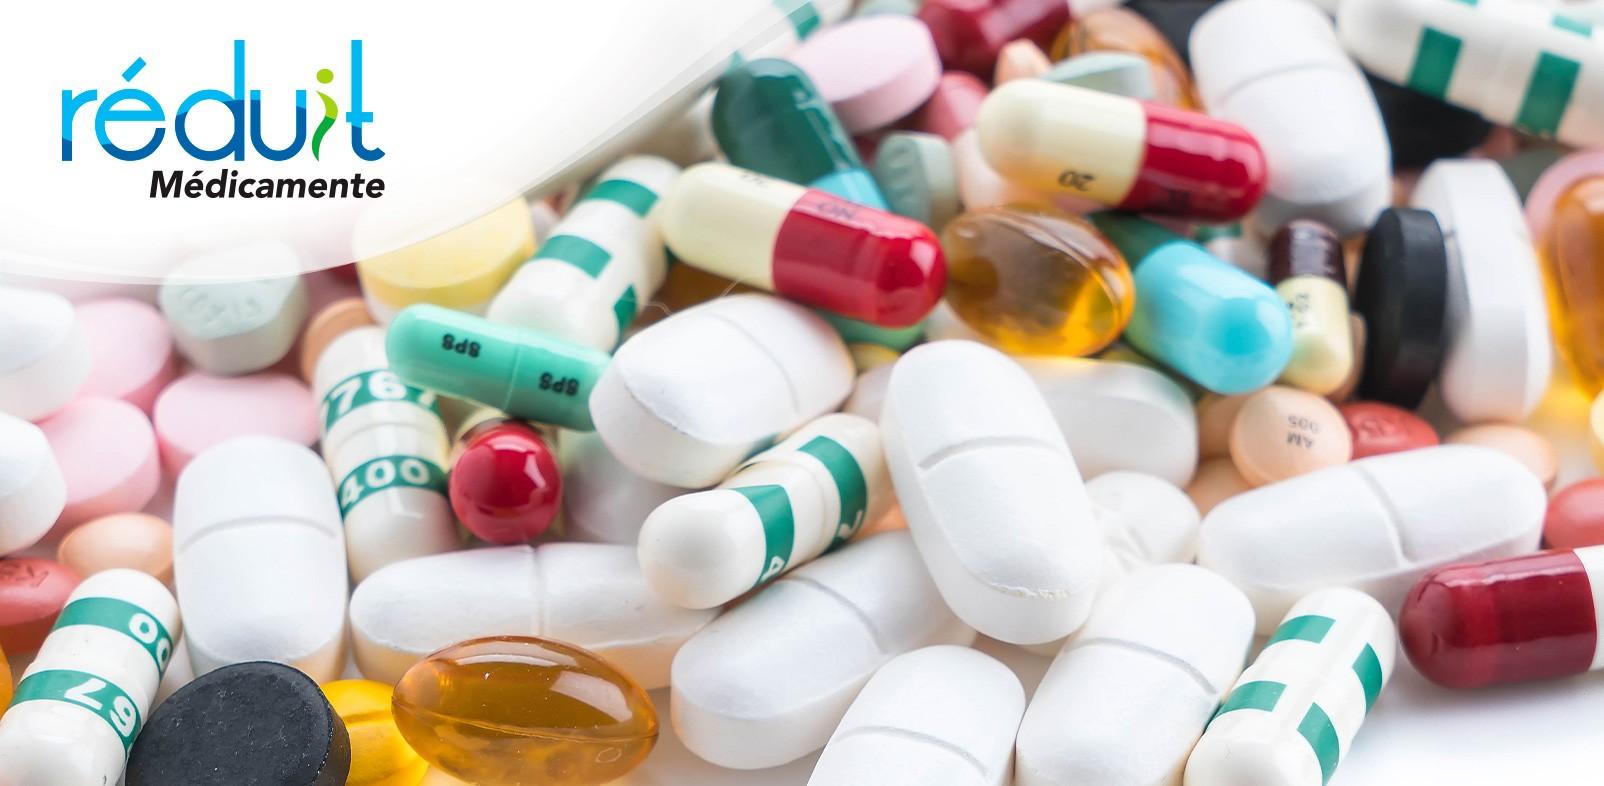 Farmaco Large